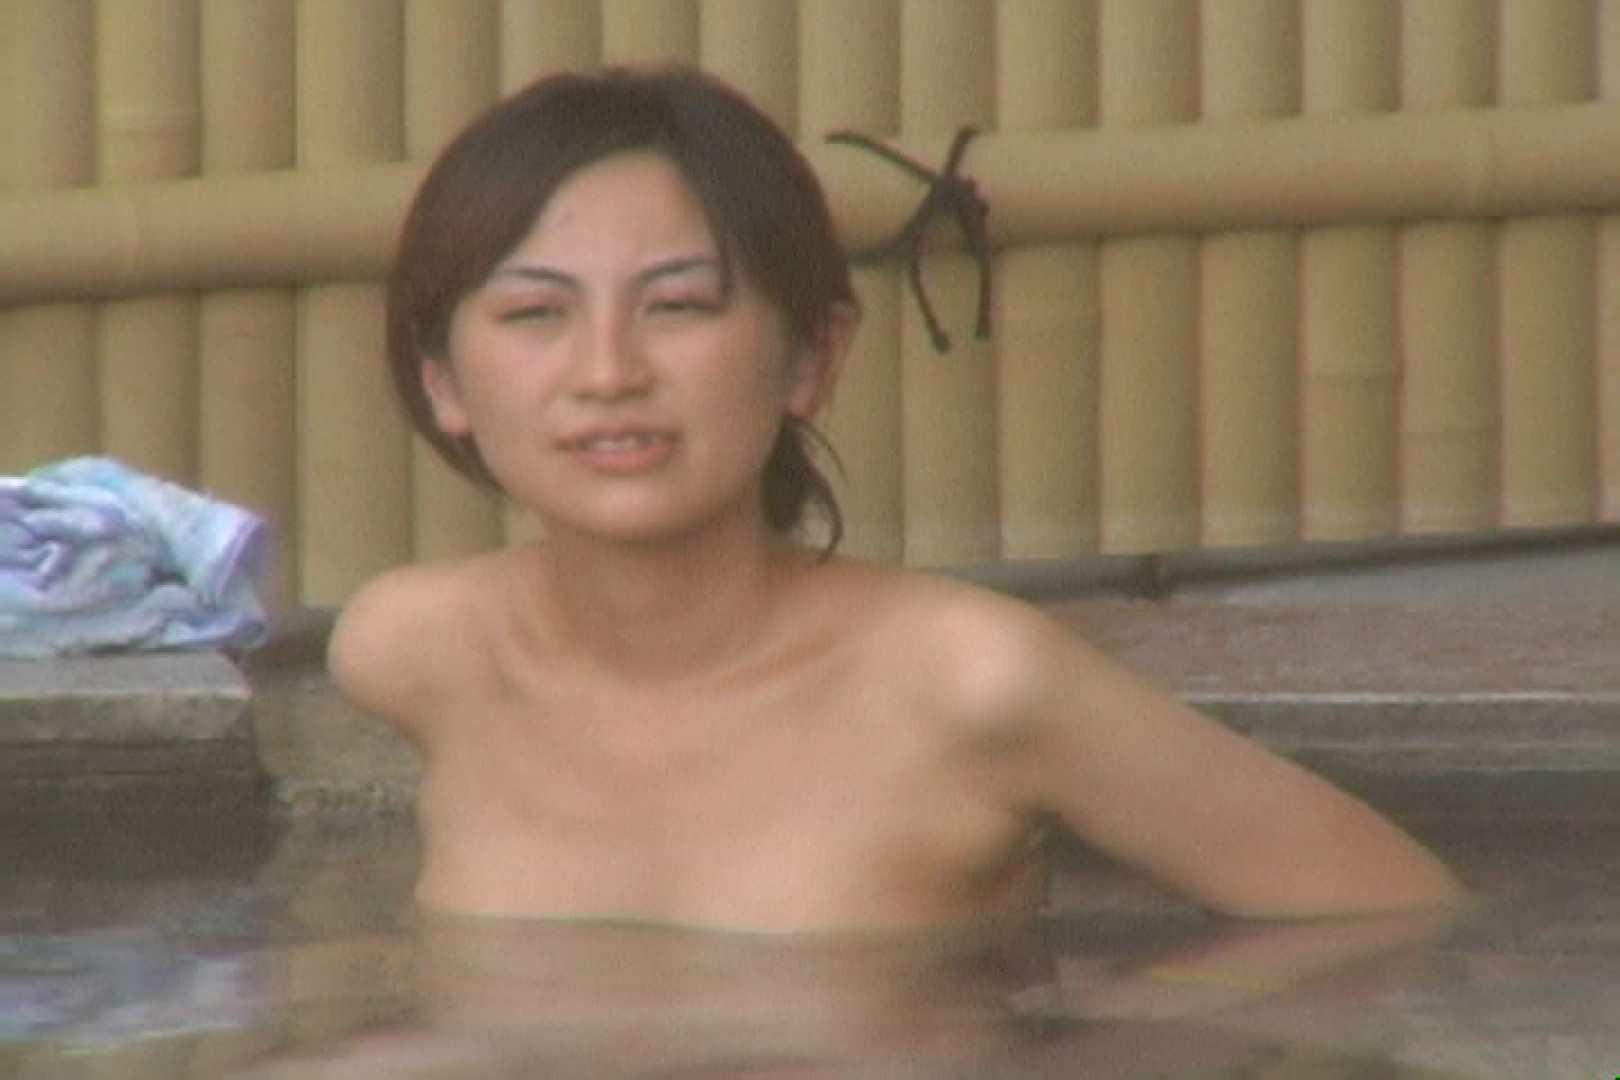 Aquaな露天風呂Vol.26【VIP】 露天 | 盗撮  59画像 58